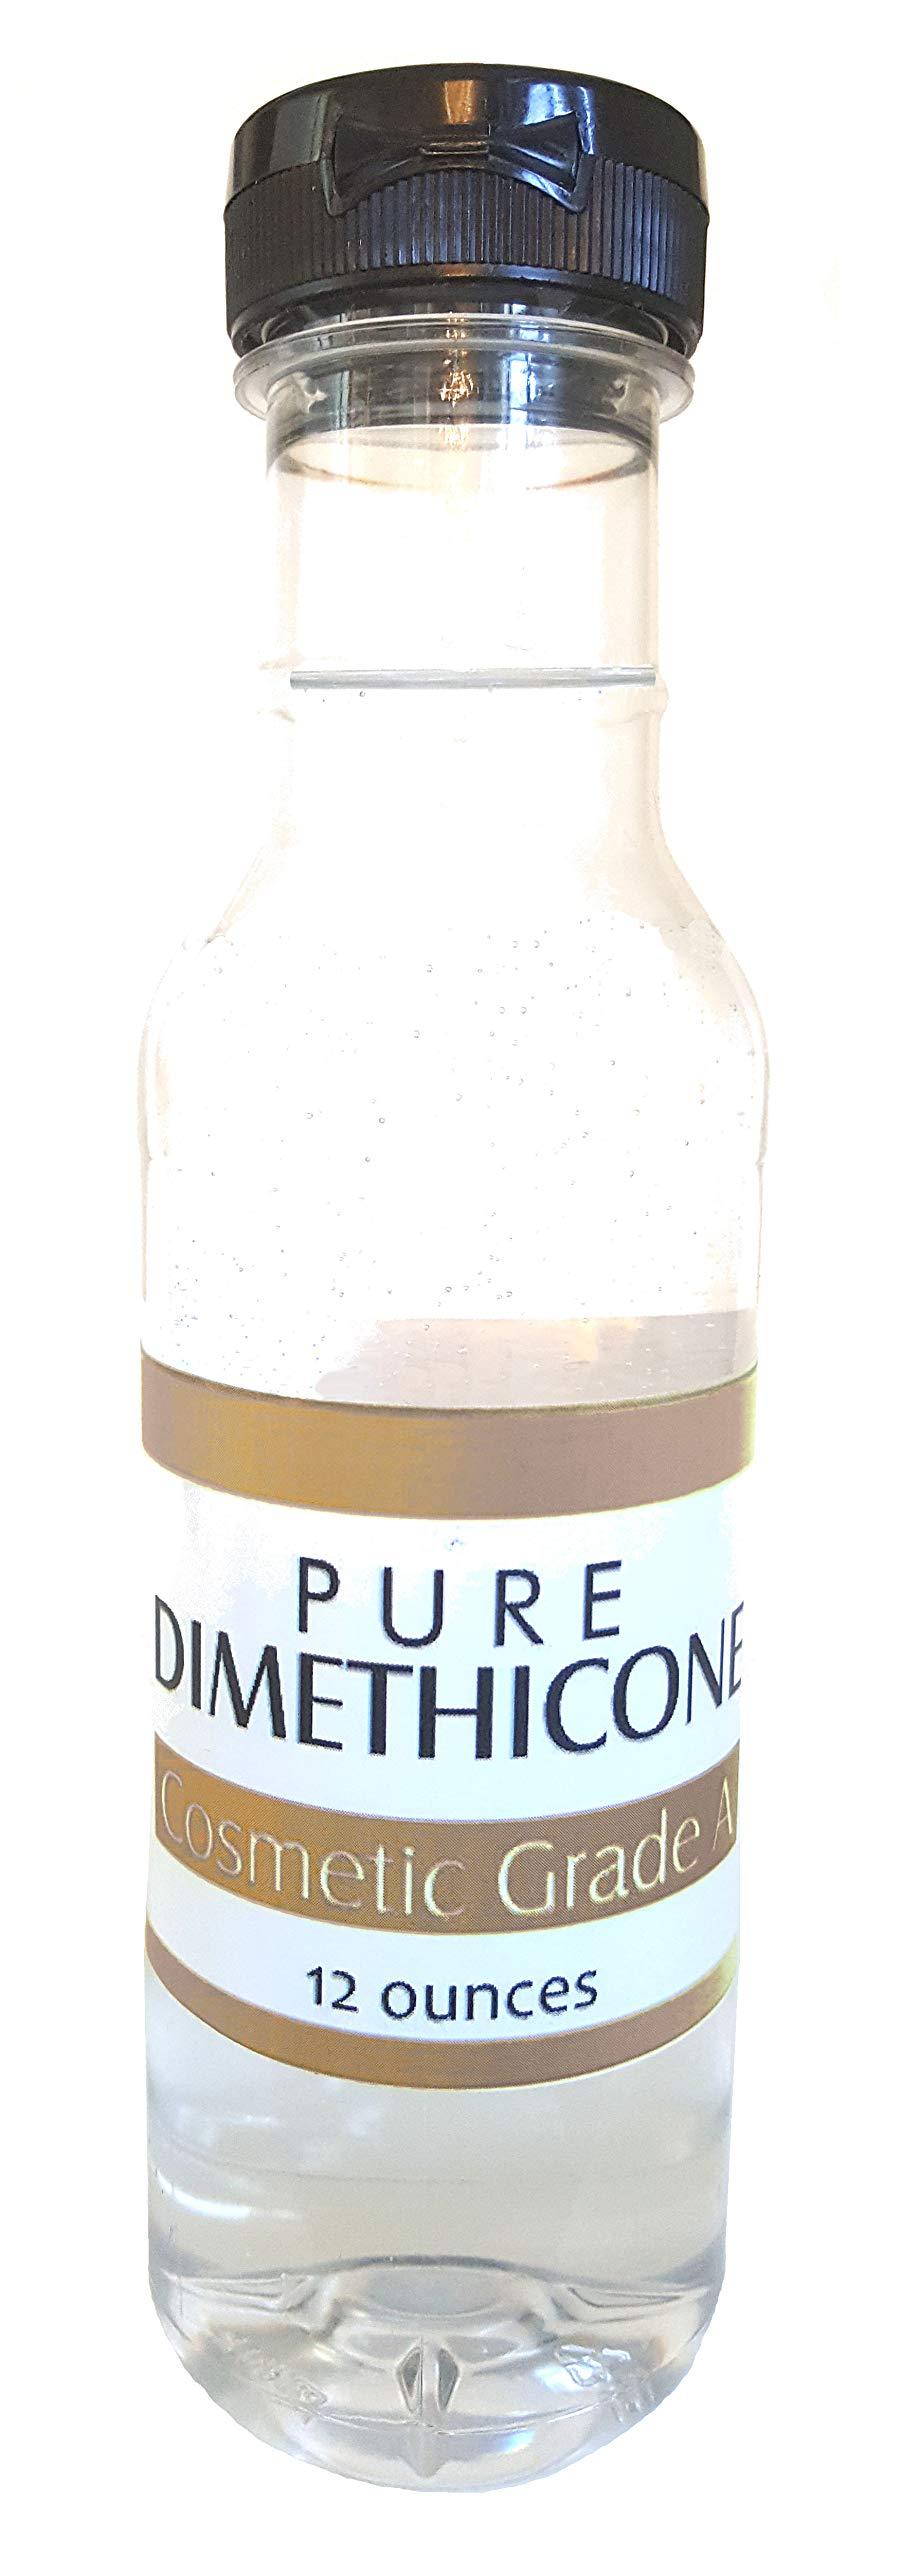 Dimethicone 12 Ounce Economy Size Liquid Silicone Great for Treadmill Belt Head Lice Treatment, Gun Oil